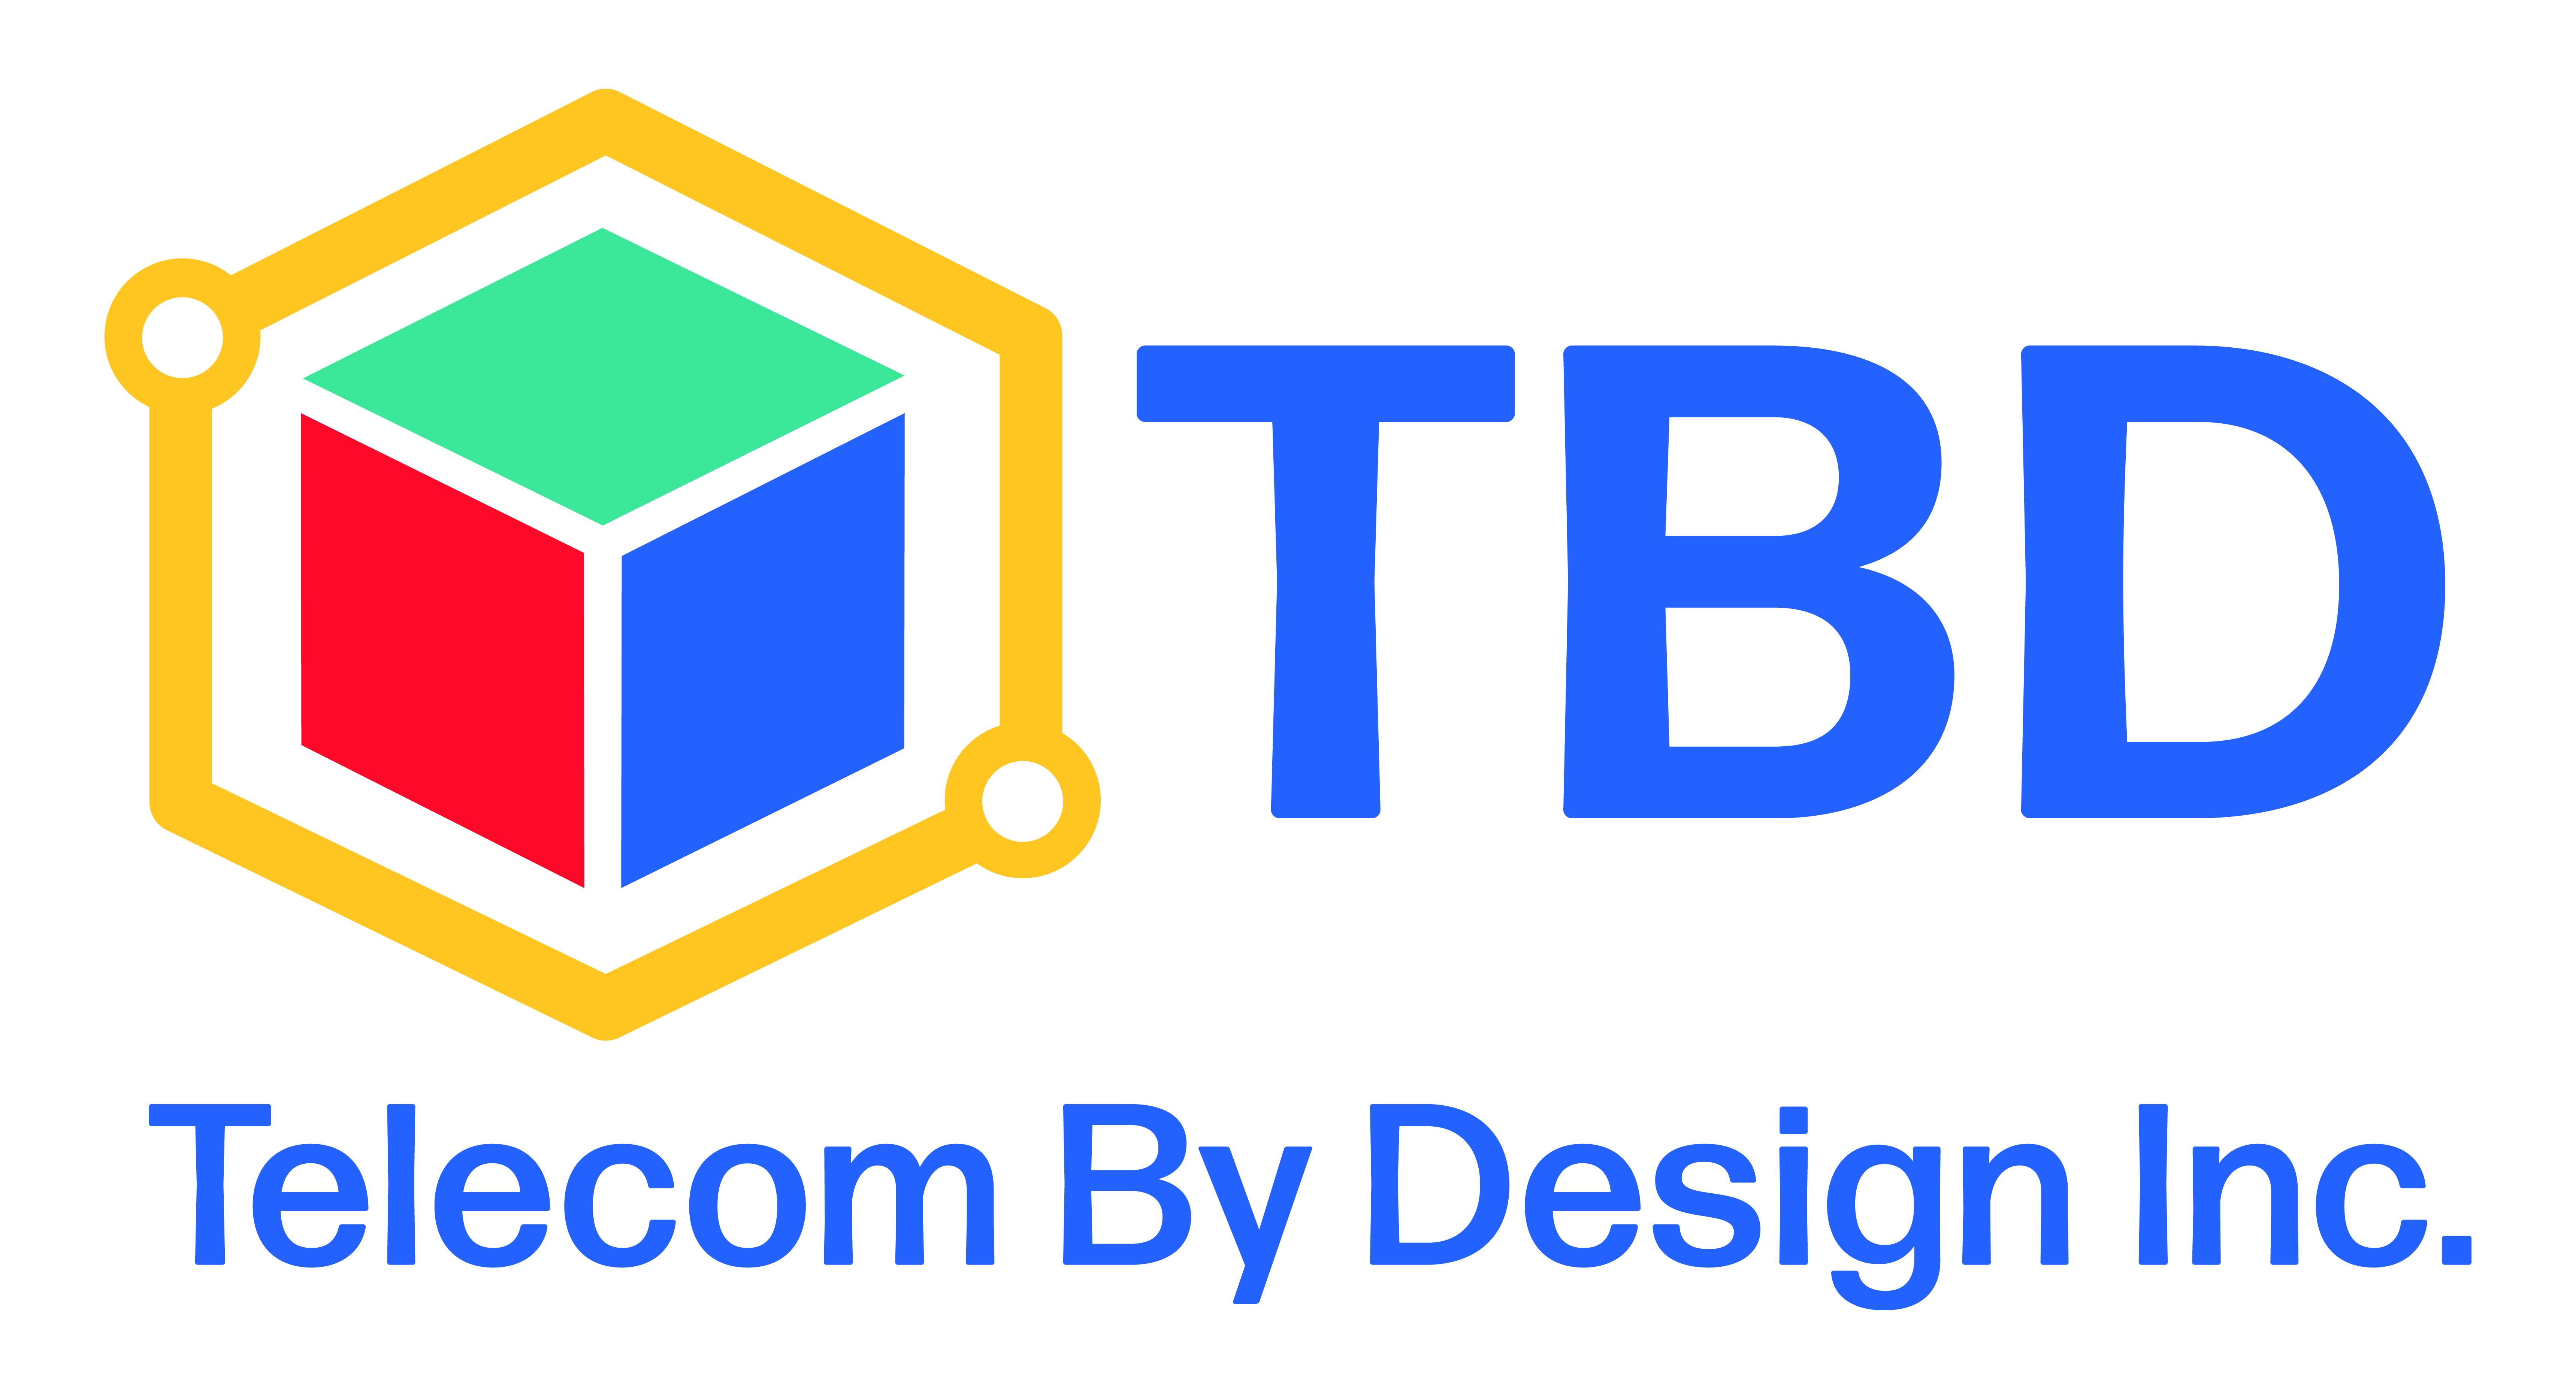 https://ca.mncjobz.com/company/tbd-telecom-by-design-inc-1617801287